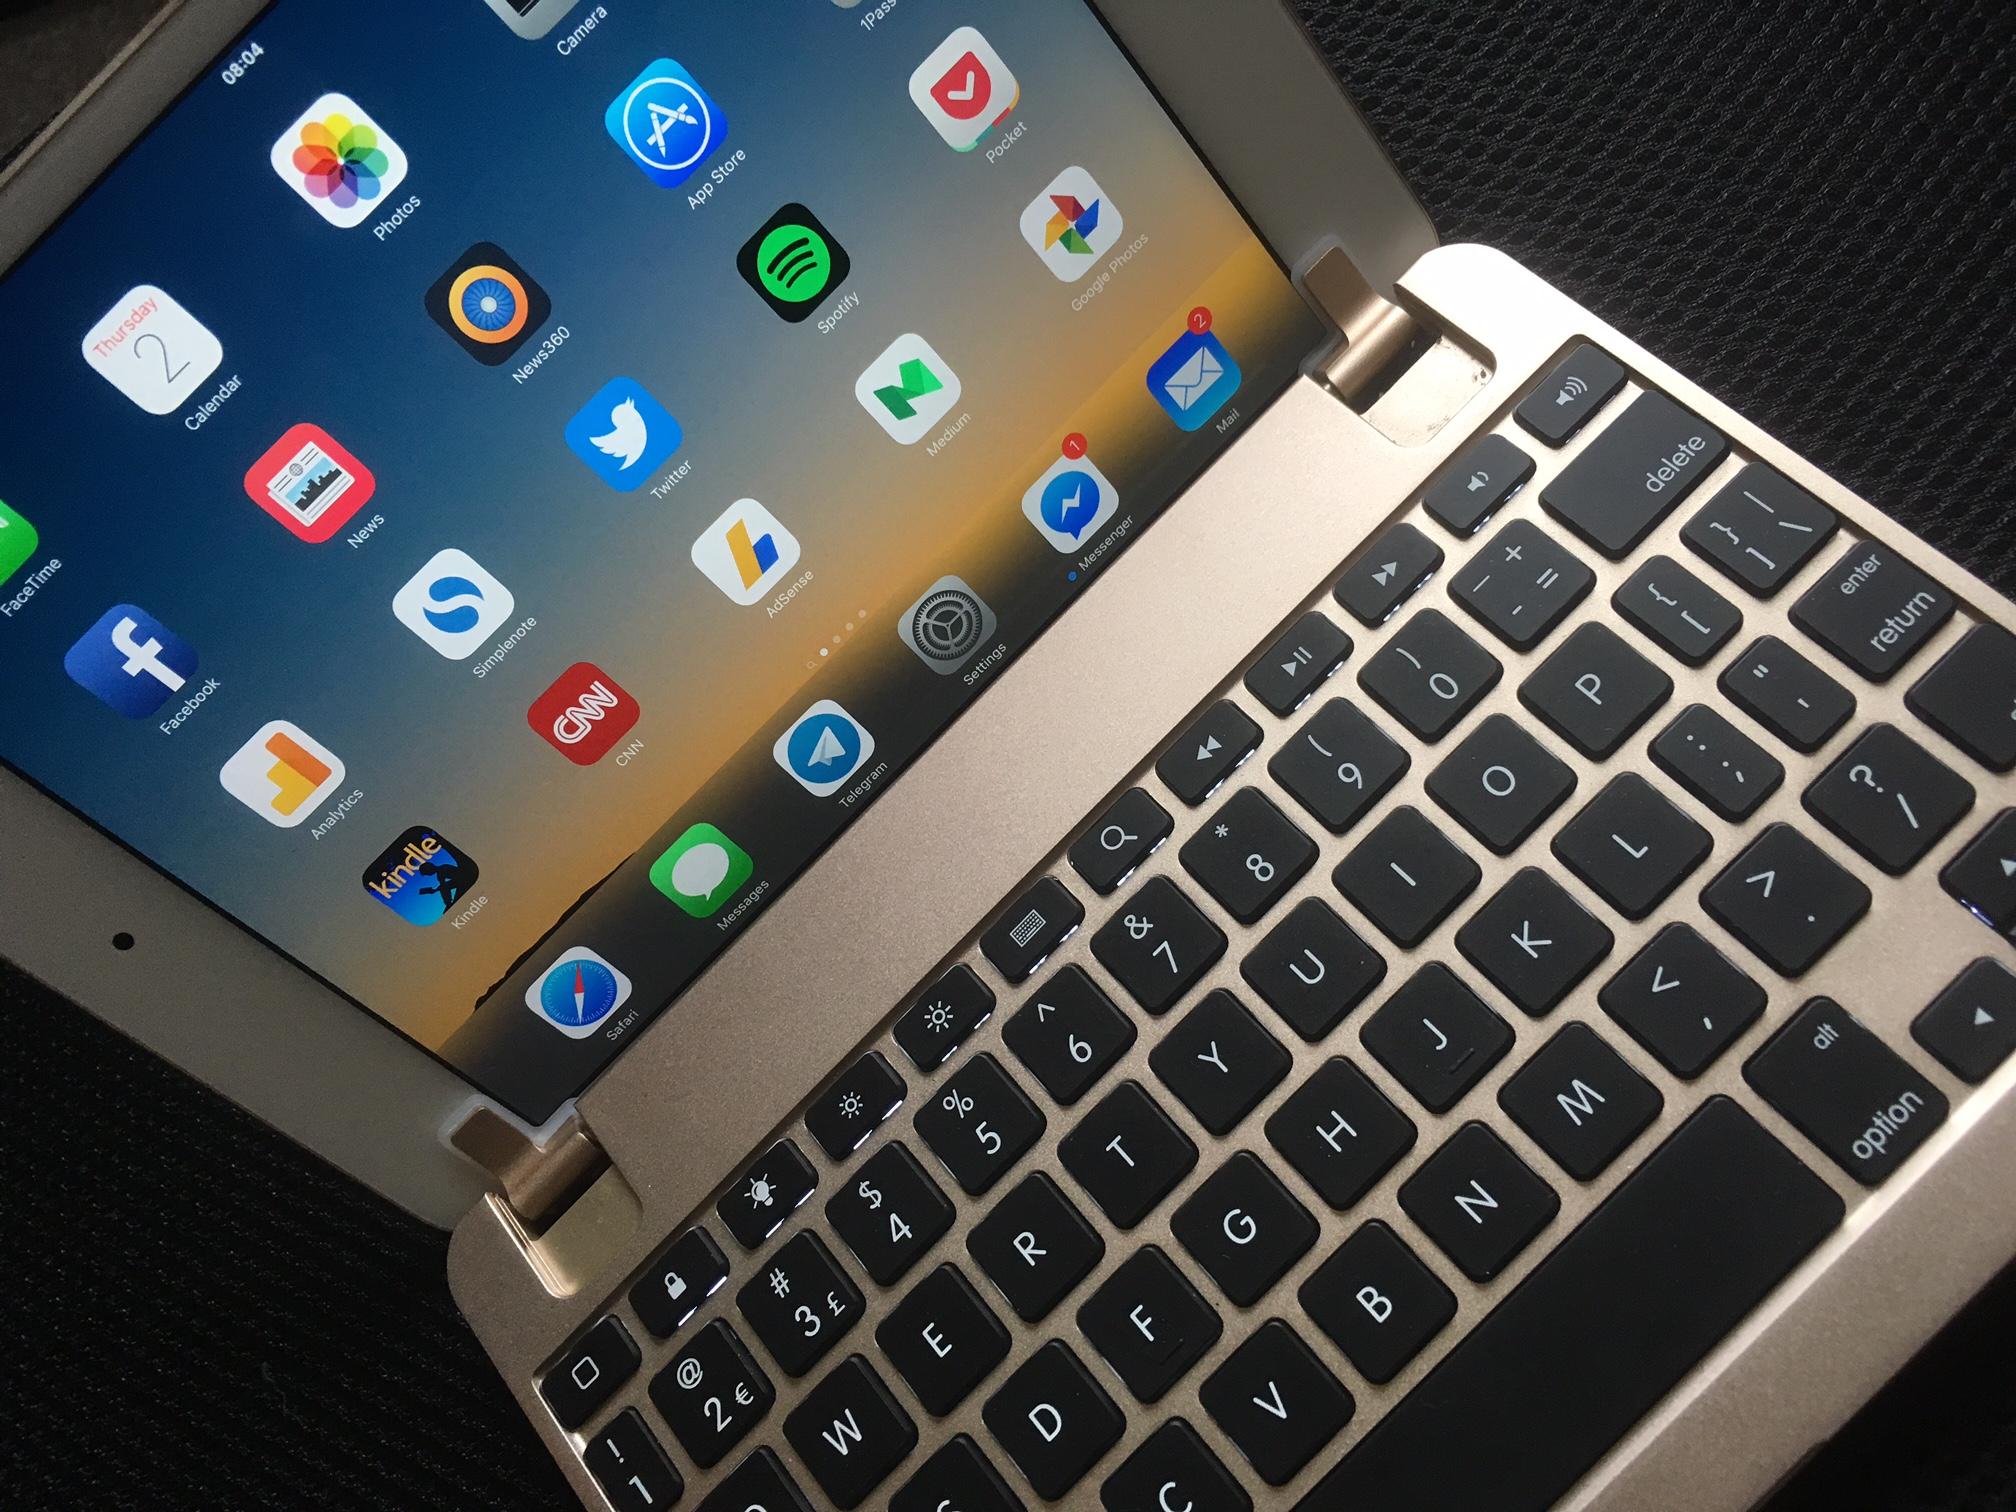 Brydge til iPad mini 4 kunne vært den perfekte notatblokk, men en helt hinsides teit designflause setter en effektiv stopper for den drømmen.